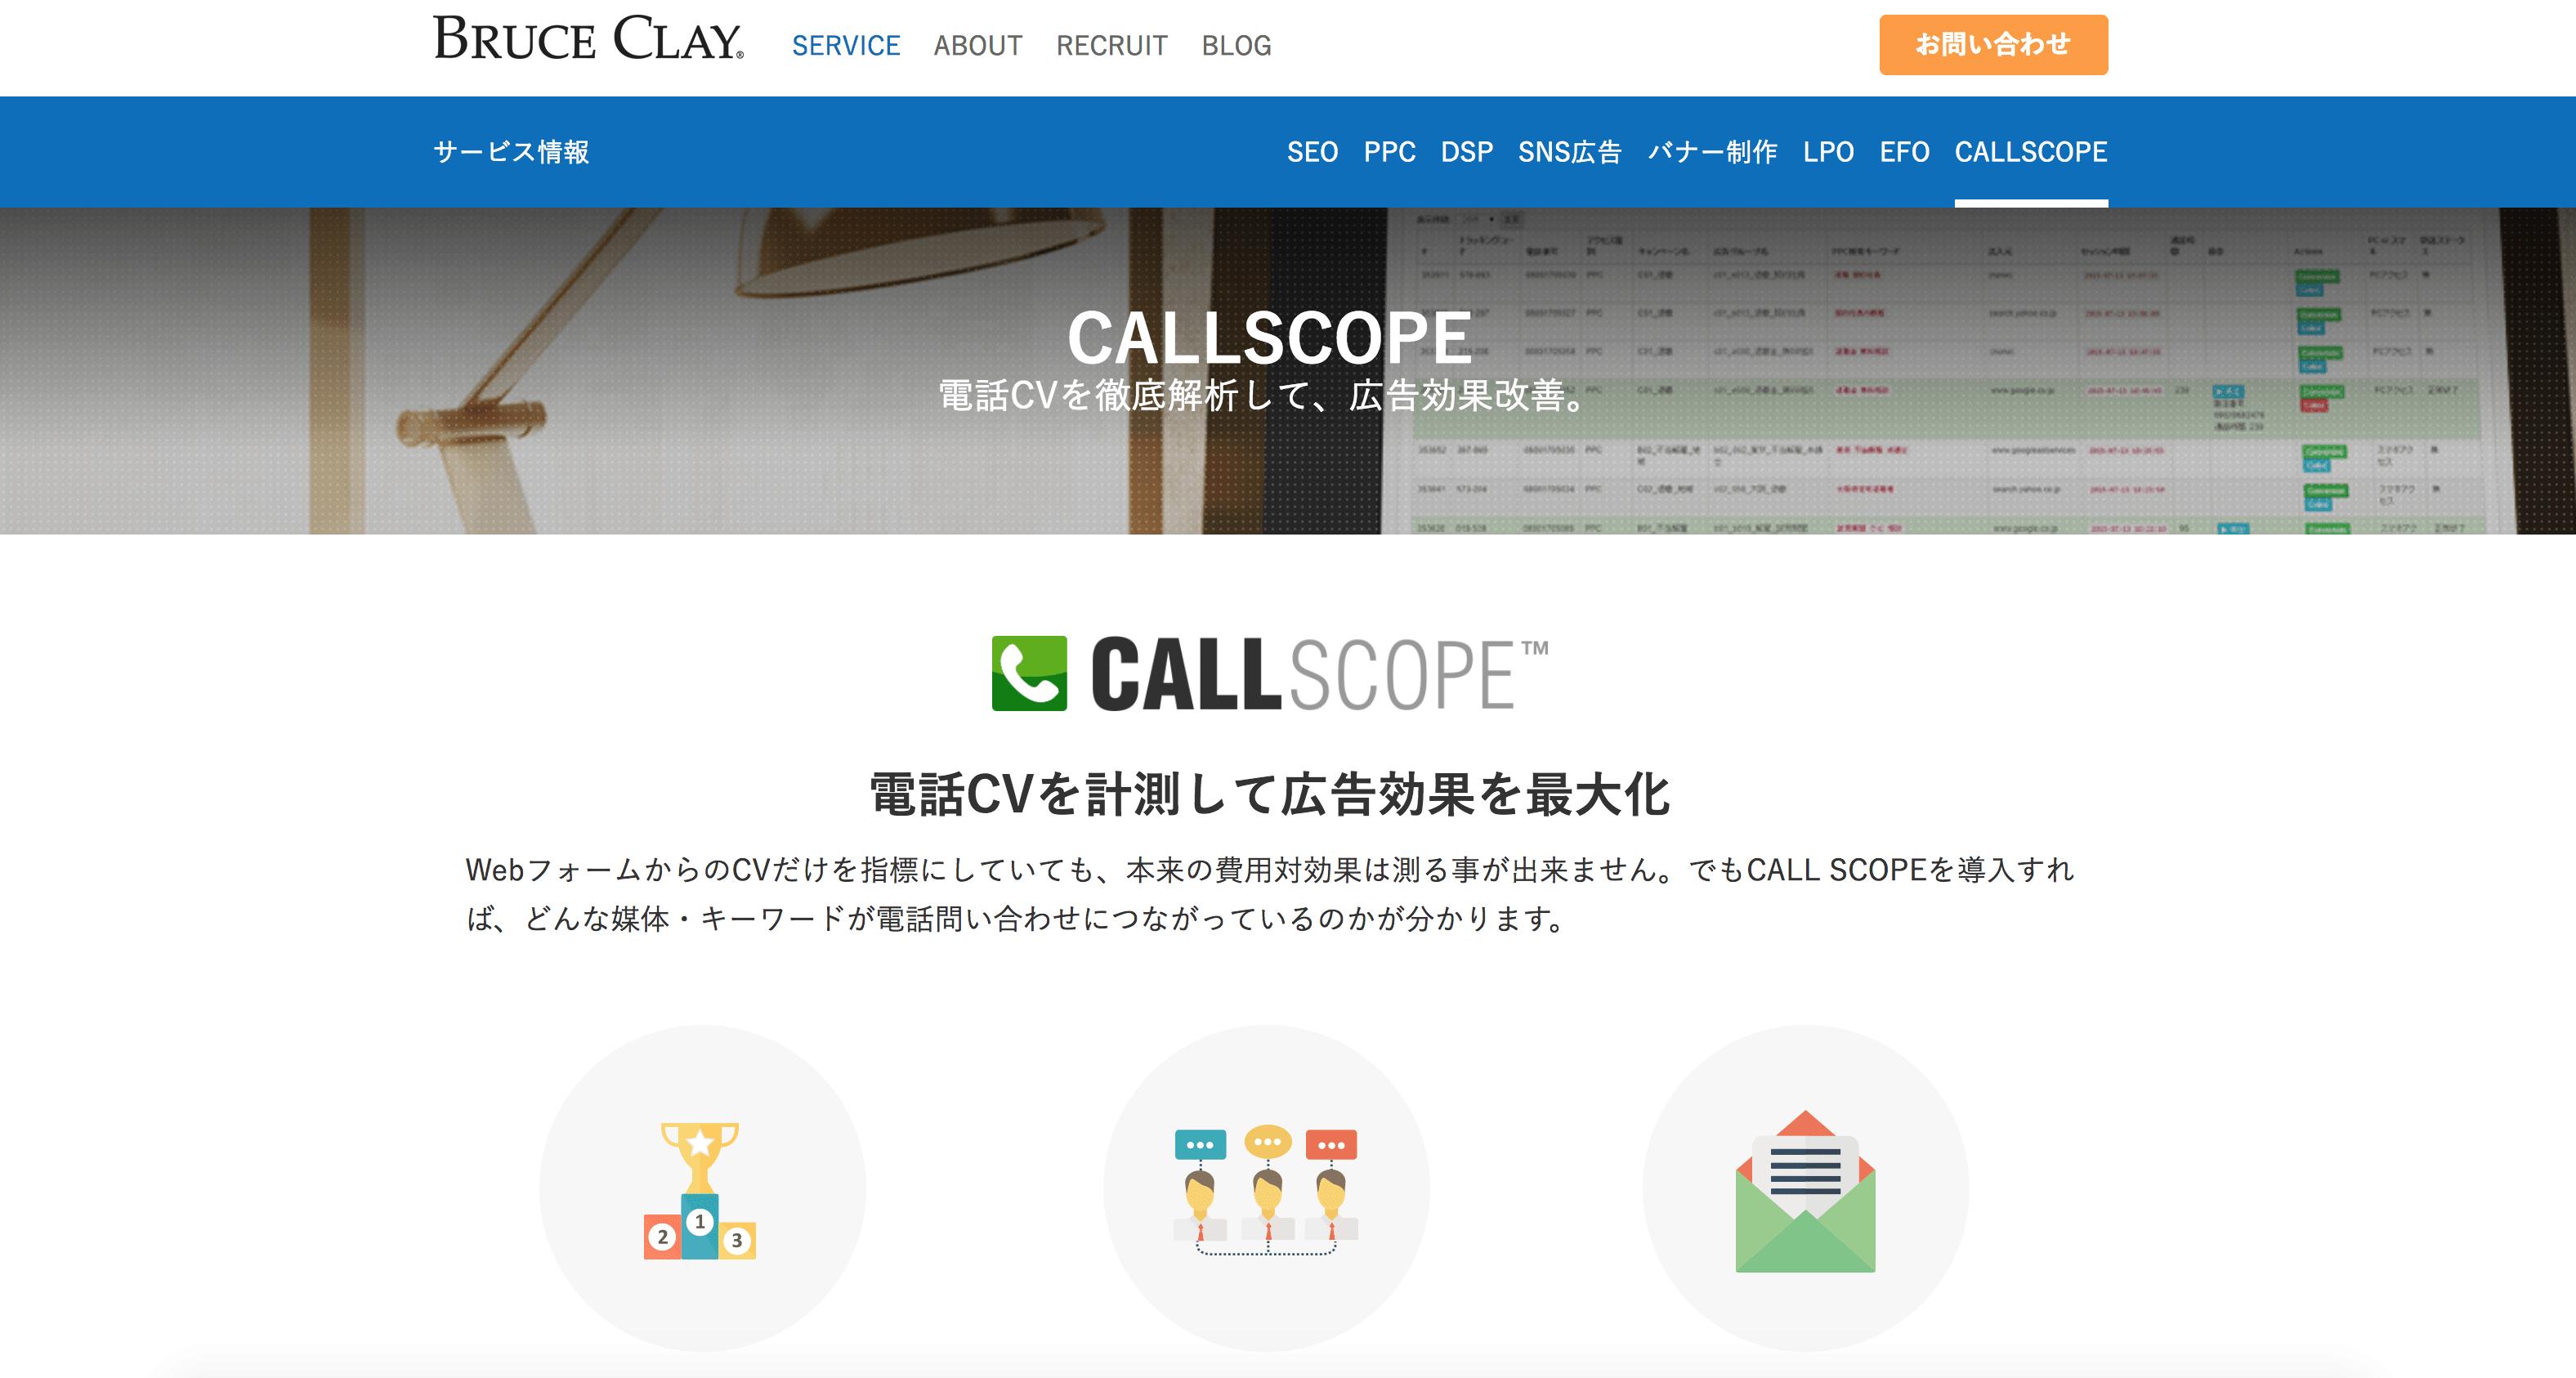 ブルースクレイ・ジャパン株式会社キャプチャ画像